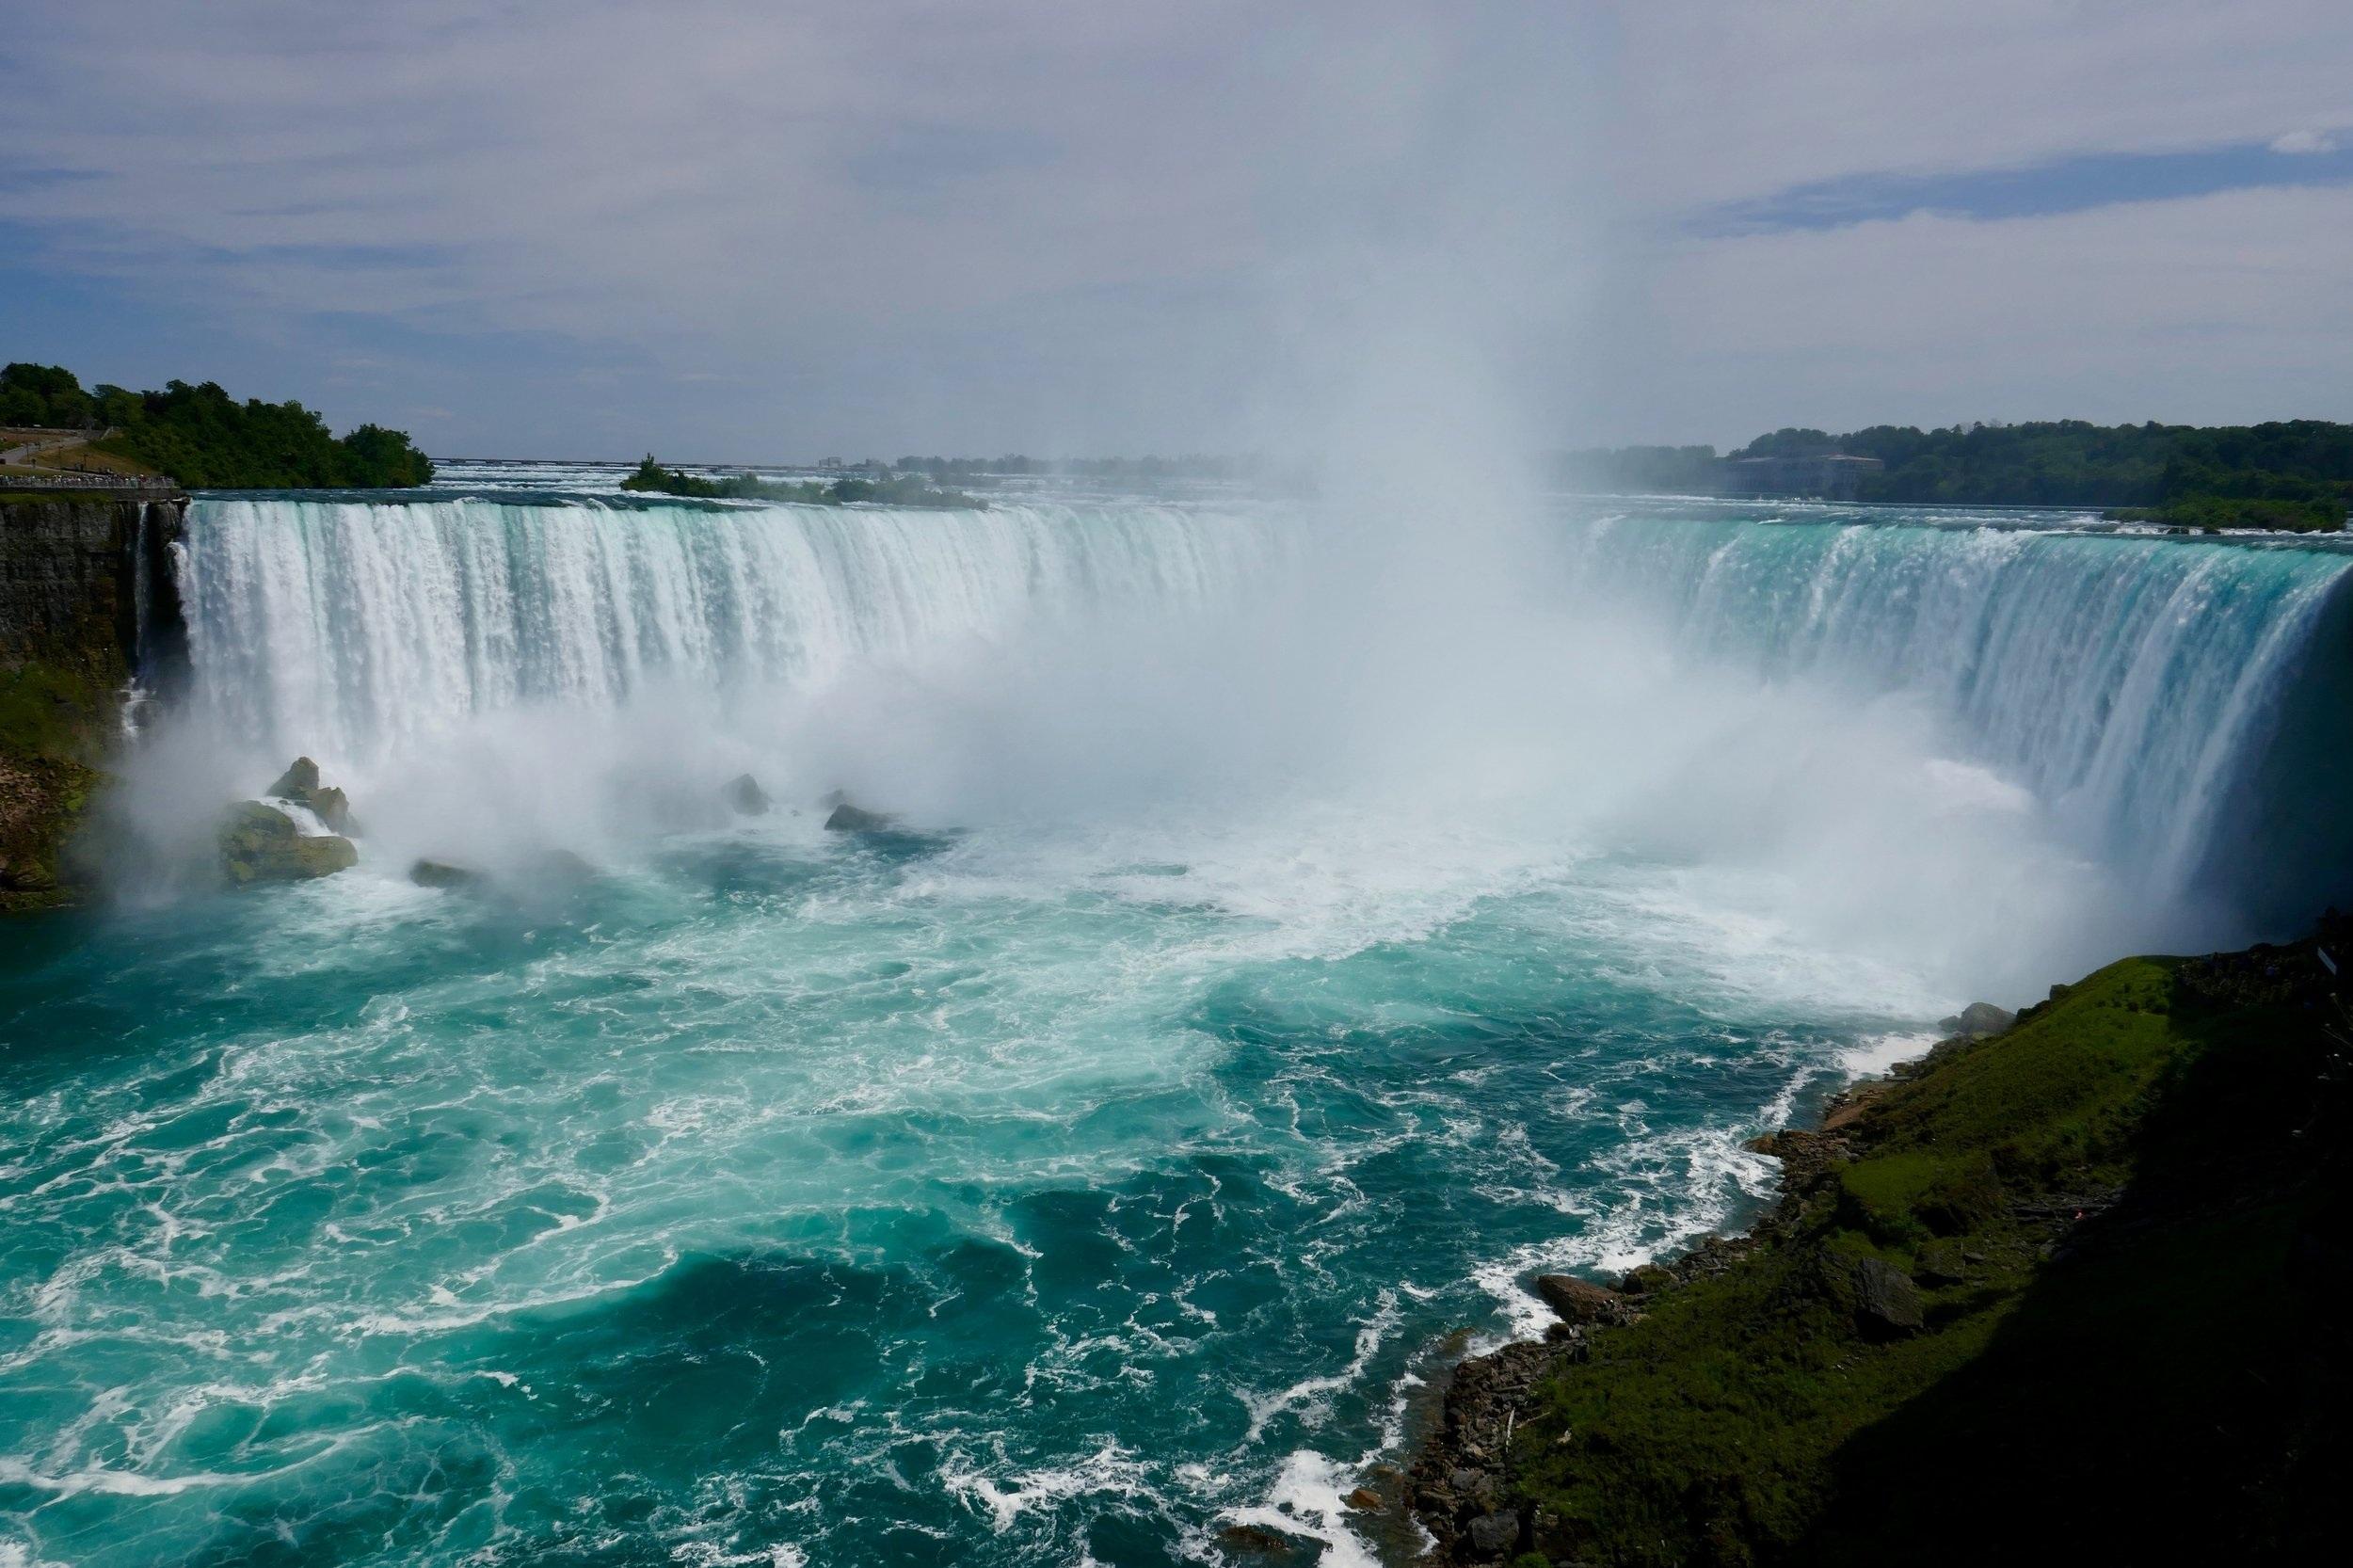 Niagara Falls - Niagara, Ontario